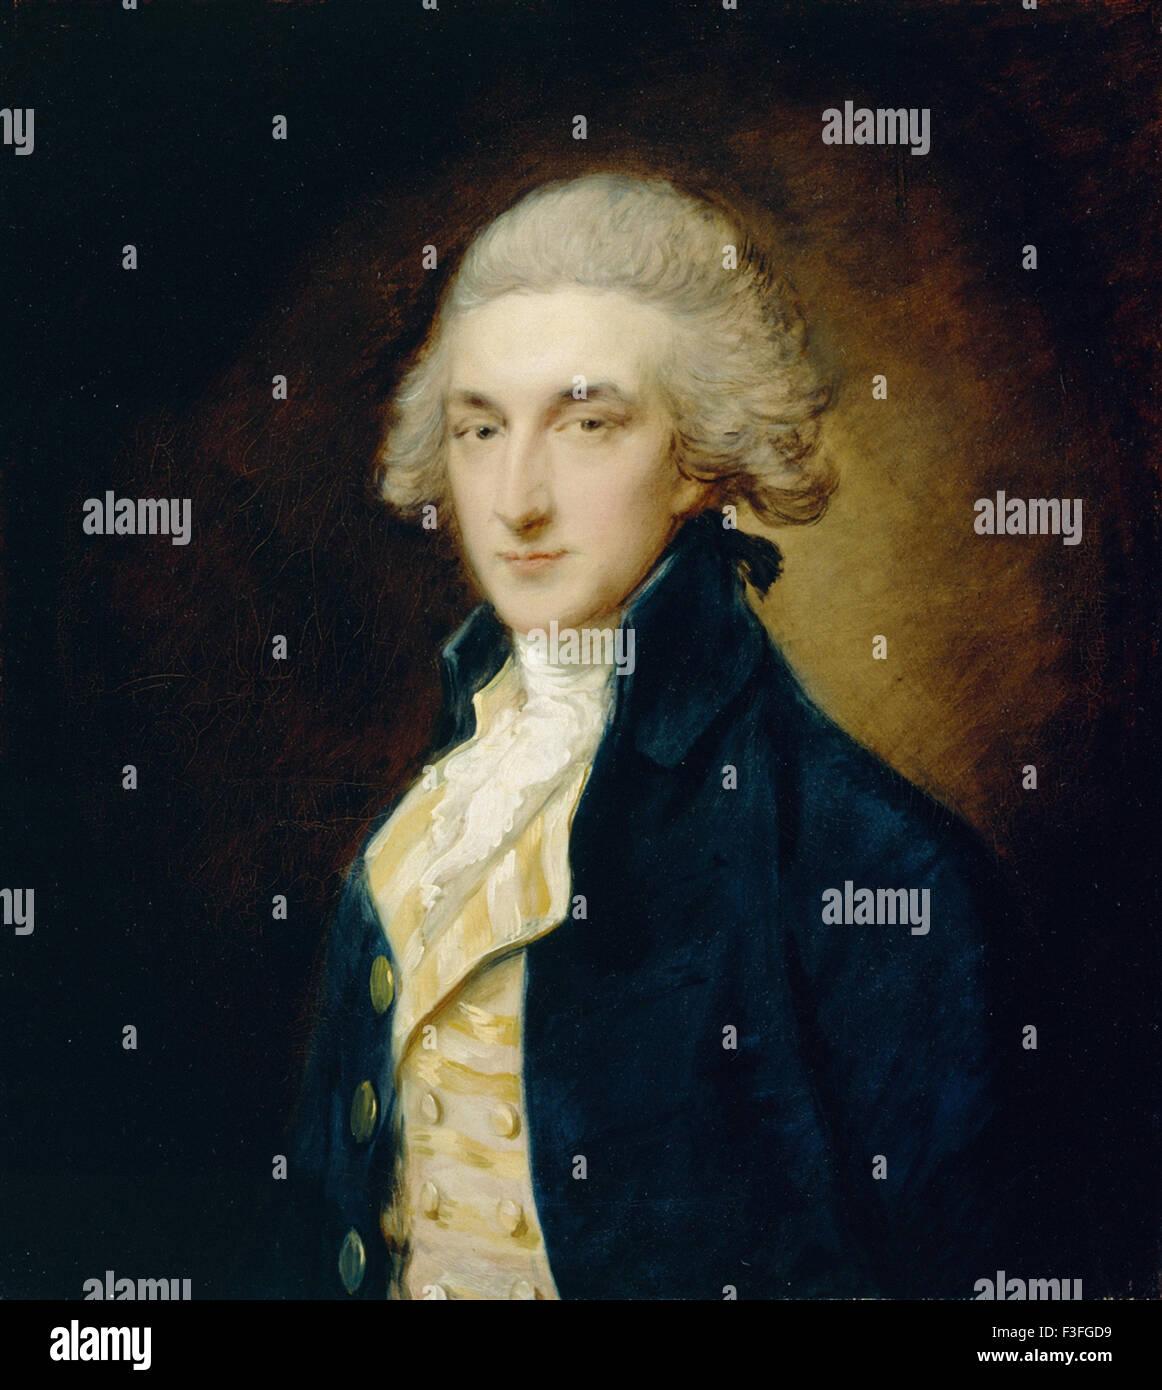 Thomas Gainsboroug - Sir John Edward Swinburne - Stock Image